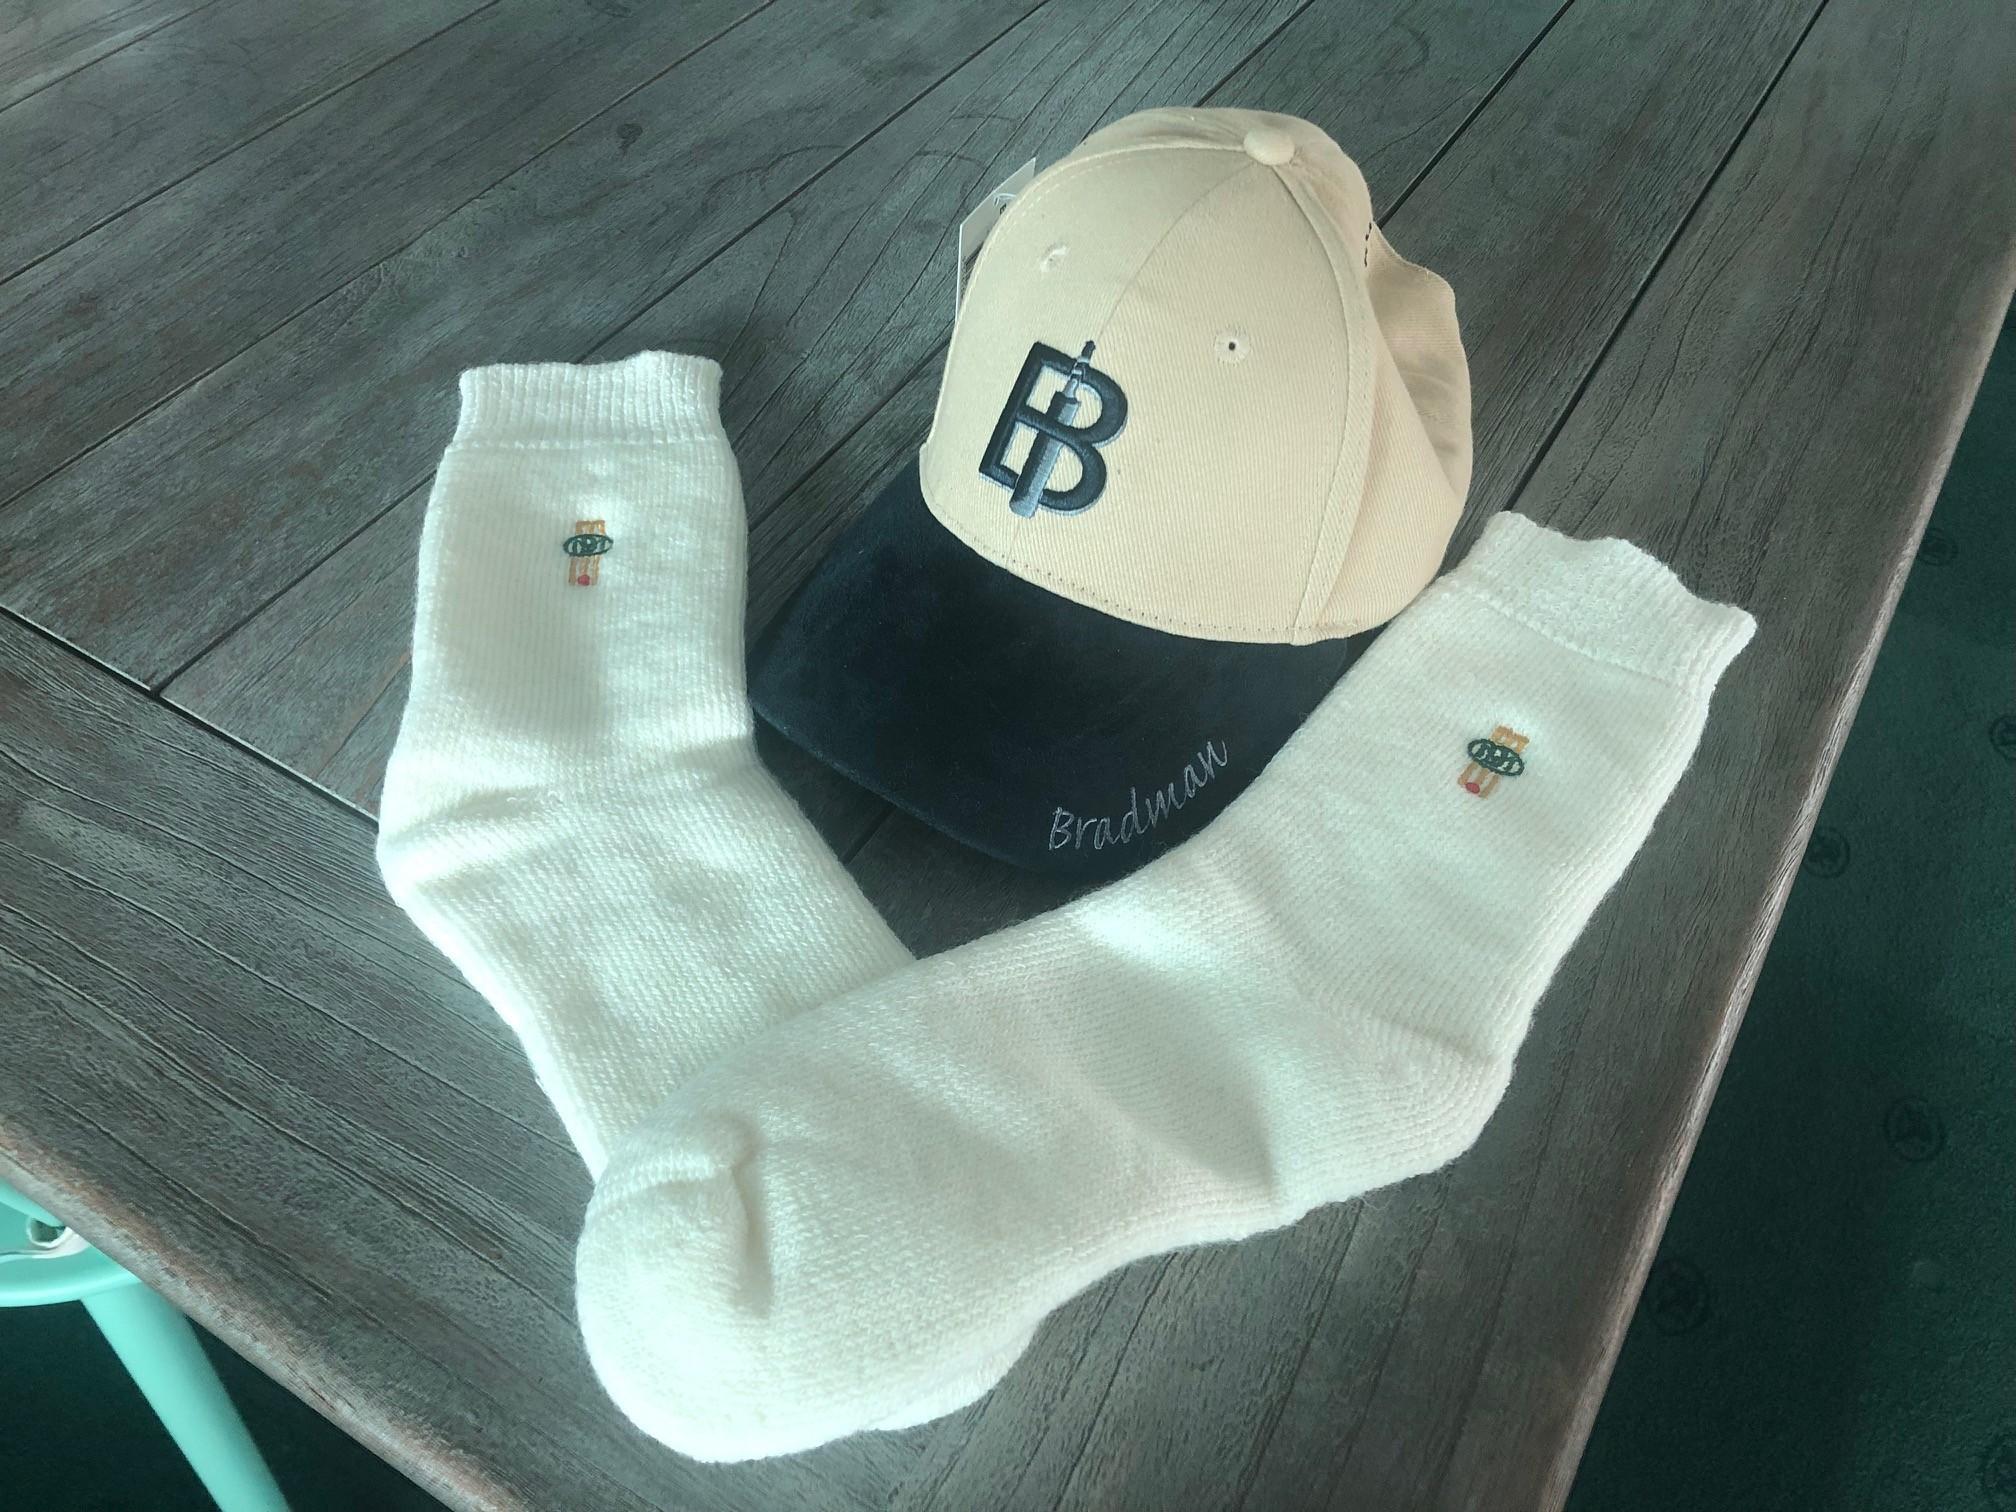 Bradman Cap & Socks